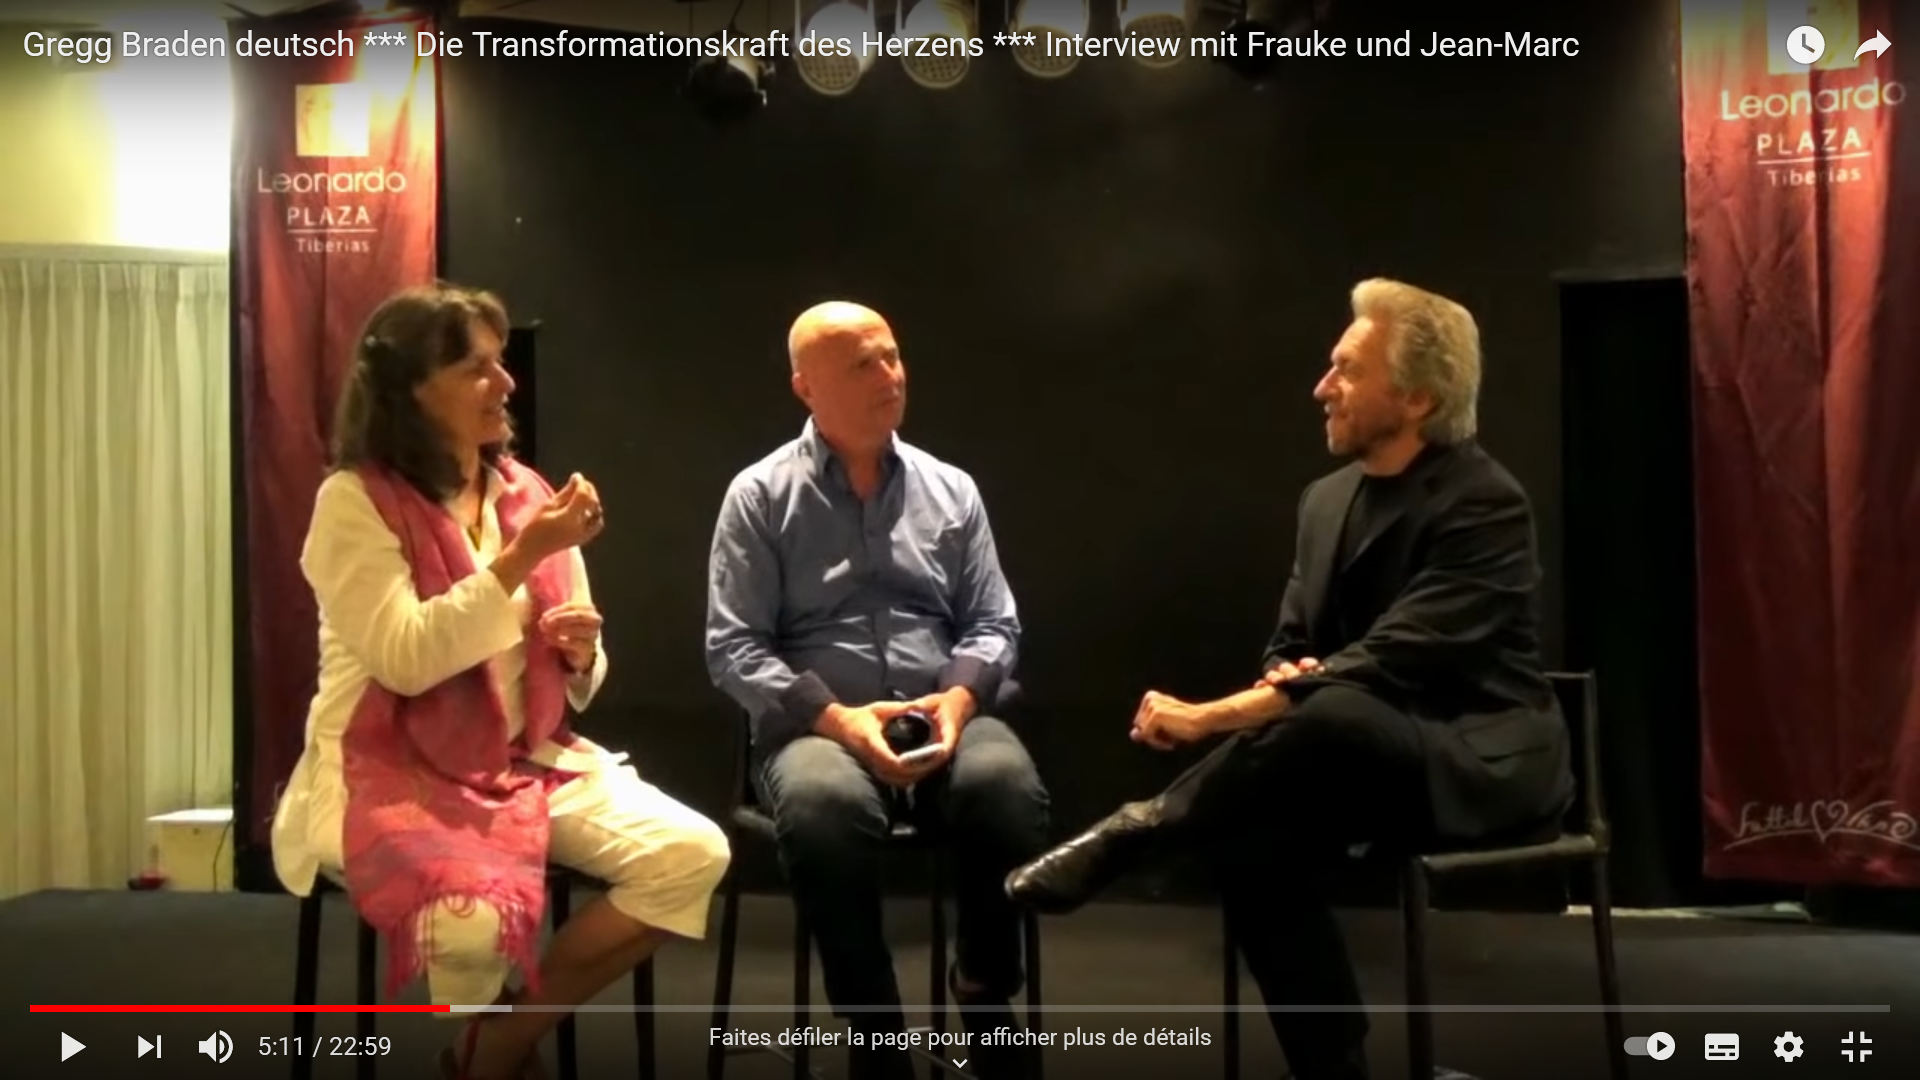 Interview mit Gregg Braden - Israel 2018